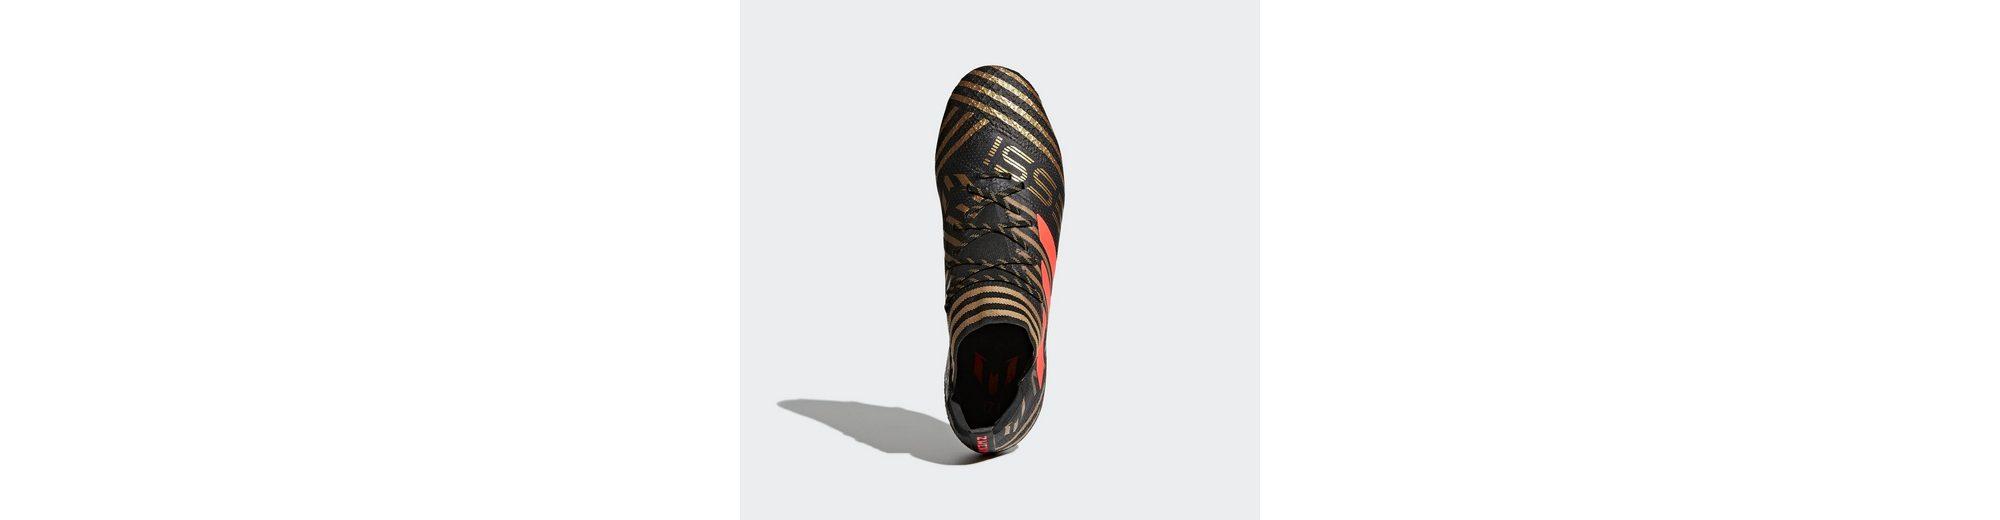 Bestes Geschäft Zu Bekommen Günstigen Preis Freies Verschiffen Niedriger Versand adidas Performance Nemeziz Messi 17.1 FG Fußballschuh Freies Verschiffen Niedrig Kosten nxi6B